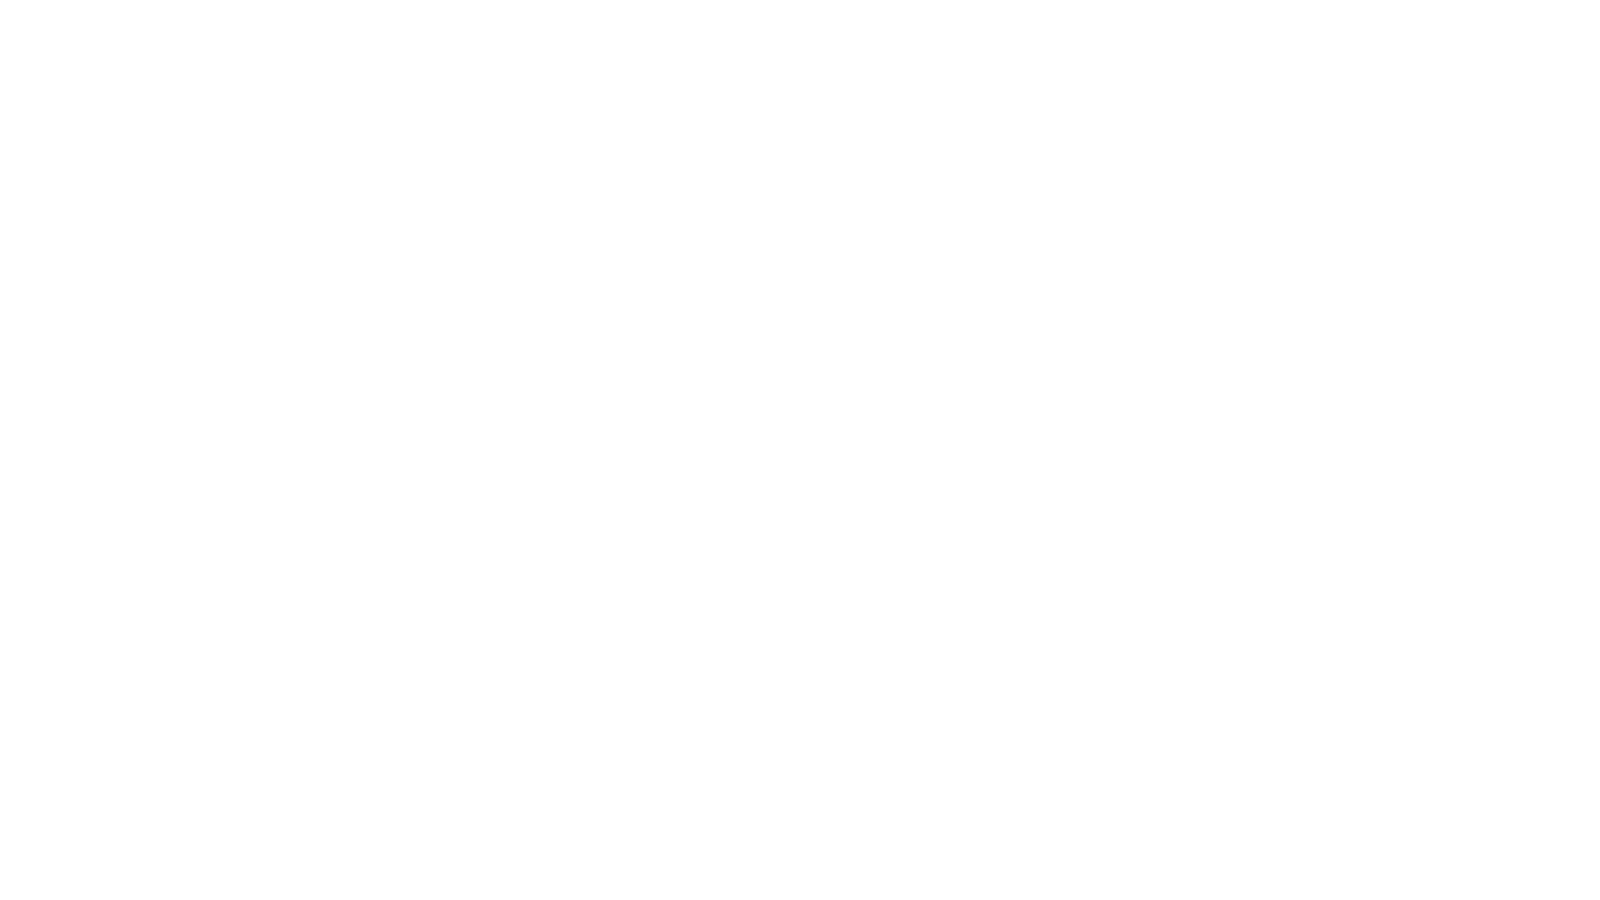 """🌱🌿🌴💪🙏  J'ai été initié aux graines germées par Irène Grosjean voilà un peu plus de 10 ans. Elles ont, pour ainsi dire immédiatement, remplacé dans mon alimentation les féculents cuits et farines cuites dont j'étais friand (et dépendant) et dès notre expédition en Islande pour le tournage de No Man Iceland sont devenues un carburant majeur pour moi.  Retrouvez un topo complet sur ces bombes nutrionnelles dans cet article, ainsi qu'une vidéo de présentation des graines germées, de leurs bienfaits et du germoir automatique Easygreen avec Eric et Aurélie Viard - Biovie, alimentation vivante :  https://www.planeted.eu/commentpourquoi-faire-germer-des-graines/  Voilà ce que Pimp Me Green - Sarah Juhasz en dit :  """"🌱 Les graines germées sont des petites graines que l'on pourrait qualifier de « magiques ». ✨ Magiques, car ce sont de petites bombes nutritionnelles. C'est un moyen efficace, élégant, facile et accessible de varier son alimentation quotidienne, de la rendre plus végétale et surtout plus vitale. Une graine à l'état de dormance a besoin d'eau pour sortir de son état de repos, c'est la condition d'entrée. Une fois la graine imprégnée d'eau, le processus de germination commence et elle a besoin d'air et d'une température suffisante (15 à 20 °C). On constatera d'ailleurs qu'en fonction de la température, la germination se fait plus ou moins rapidement. Commencent alors de nombreuses transformations moléculaires grâce aux enzymes : les graisses sont décomposées en acides gras, les protéines en acides aminés et les glucides en sucres simples afin d'être utilisés pour la croissance de la graine. C'est alors que le tégument se perce et qu'un petit germe blanc et tendre en sort : nous obtenons alors une graine germée. L'avantage avec les graines germées, c'est que les macroéléments (glucides, lipides, protides) sont déjà sous une forme simple directement assimilable, ne nécessitant pas de travail de la part de l'organisme et donc économisant une partie de l'énergie liée à"""